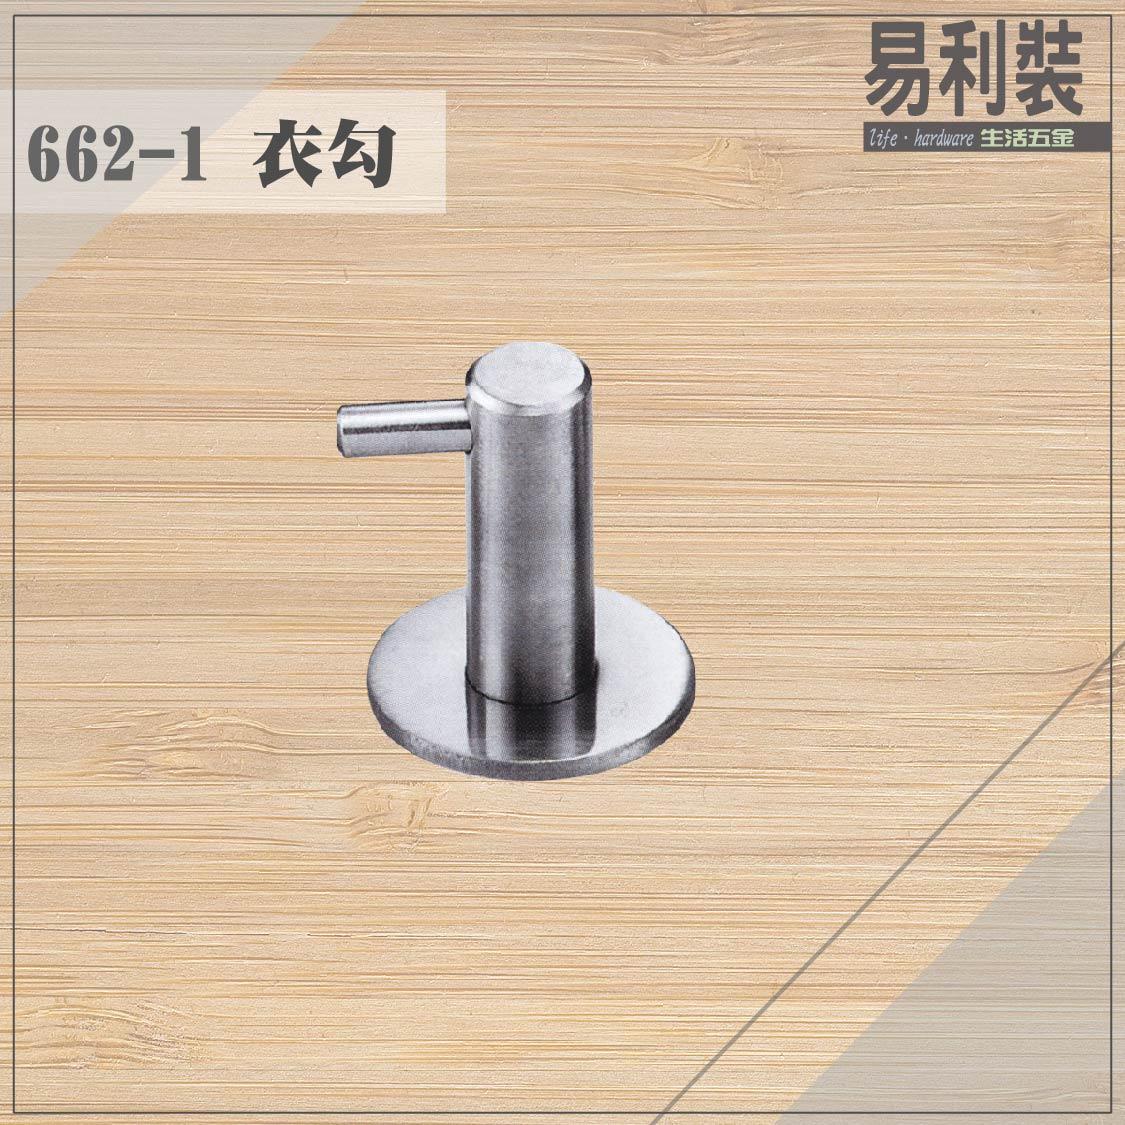 【 EASYCAN  】662-1 不鏽鋼衣勾 易利裝生活五金 浴室 廚房 掛勾 房間 臥房 衣櫃 小資族 辦公家具 系統家具